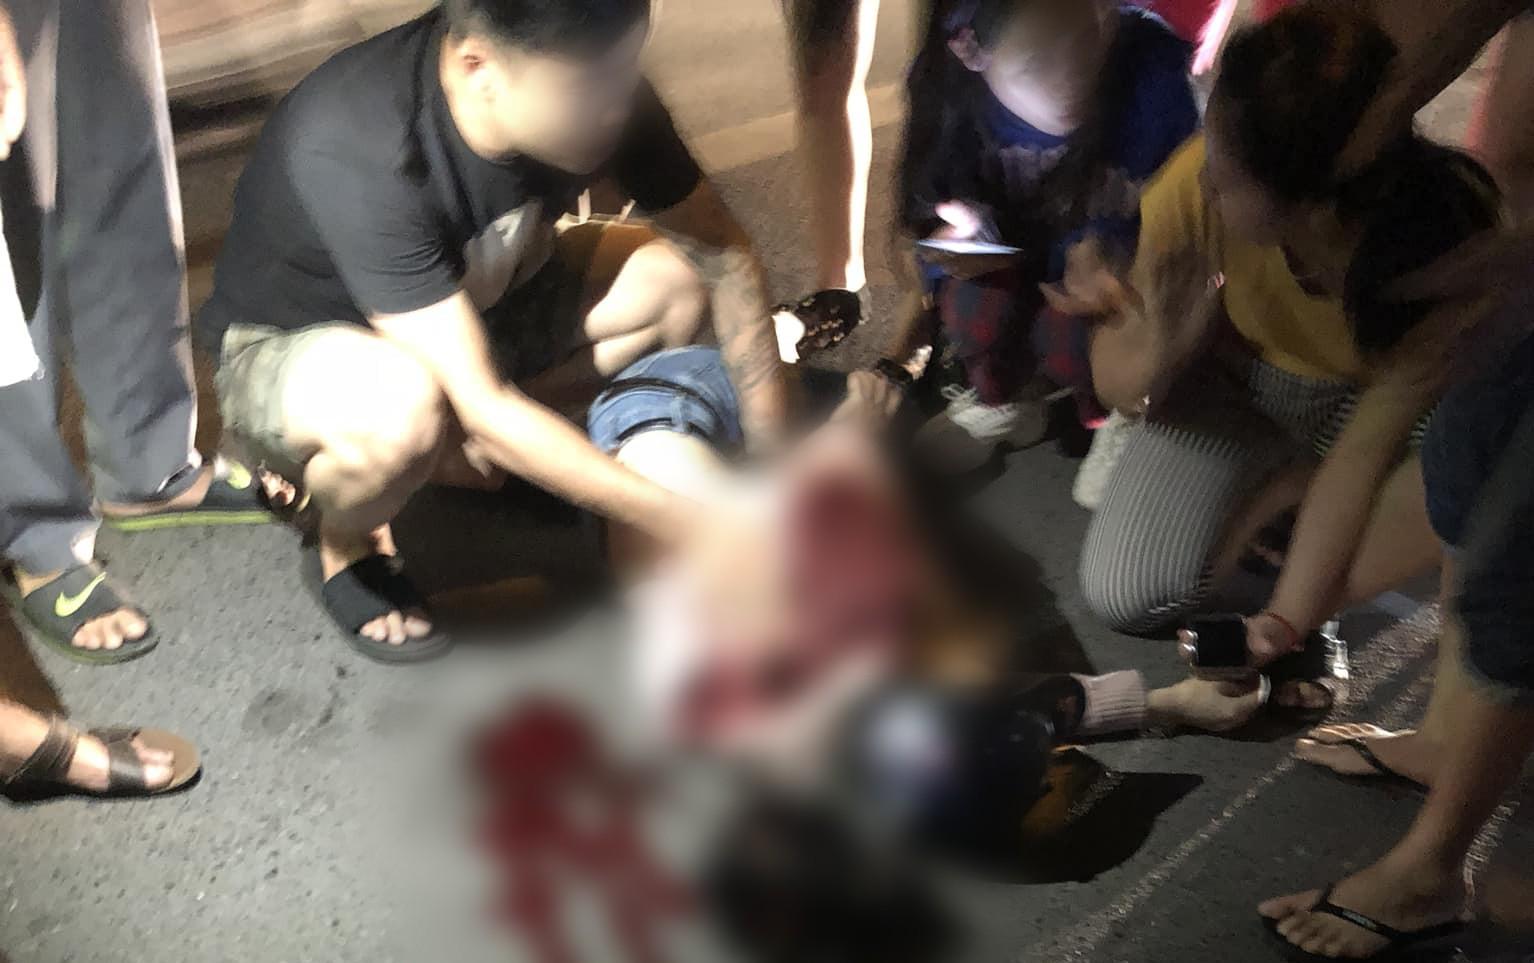 Hà Nội: Điều tra vụ người yêu cũ chặn đường đâm cô gái trọng thương phải nhập viện cấp cứu-1